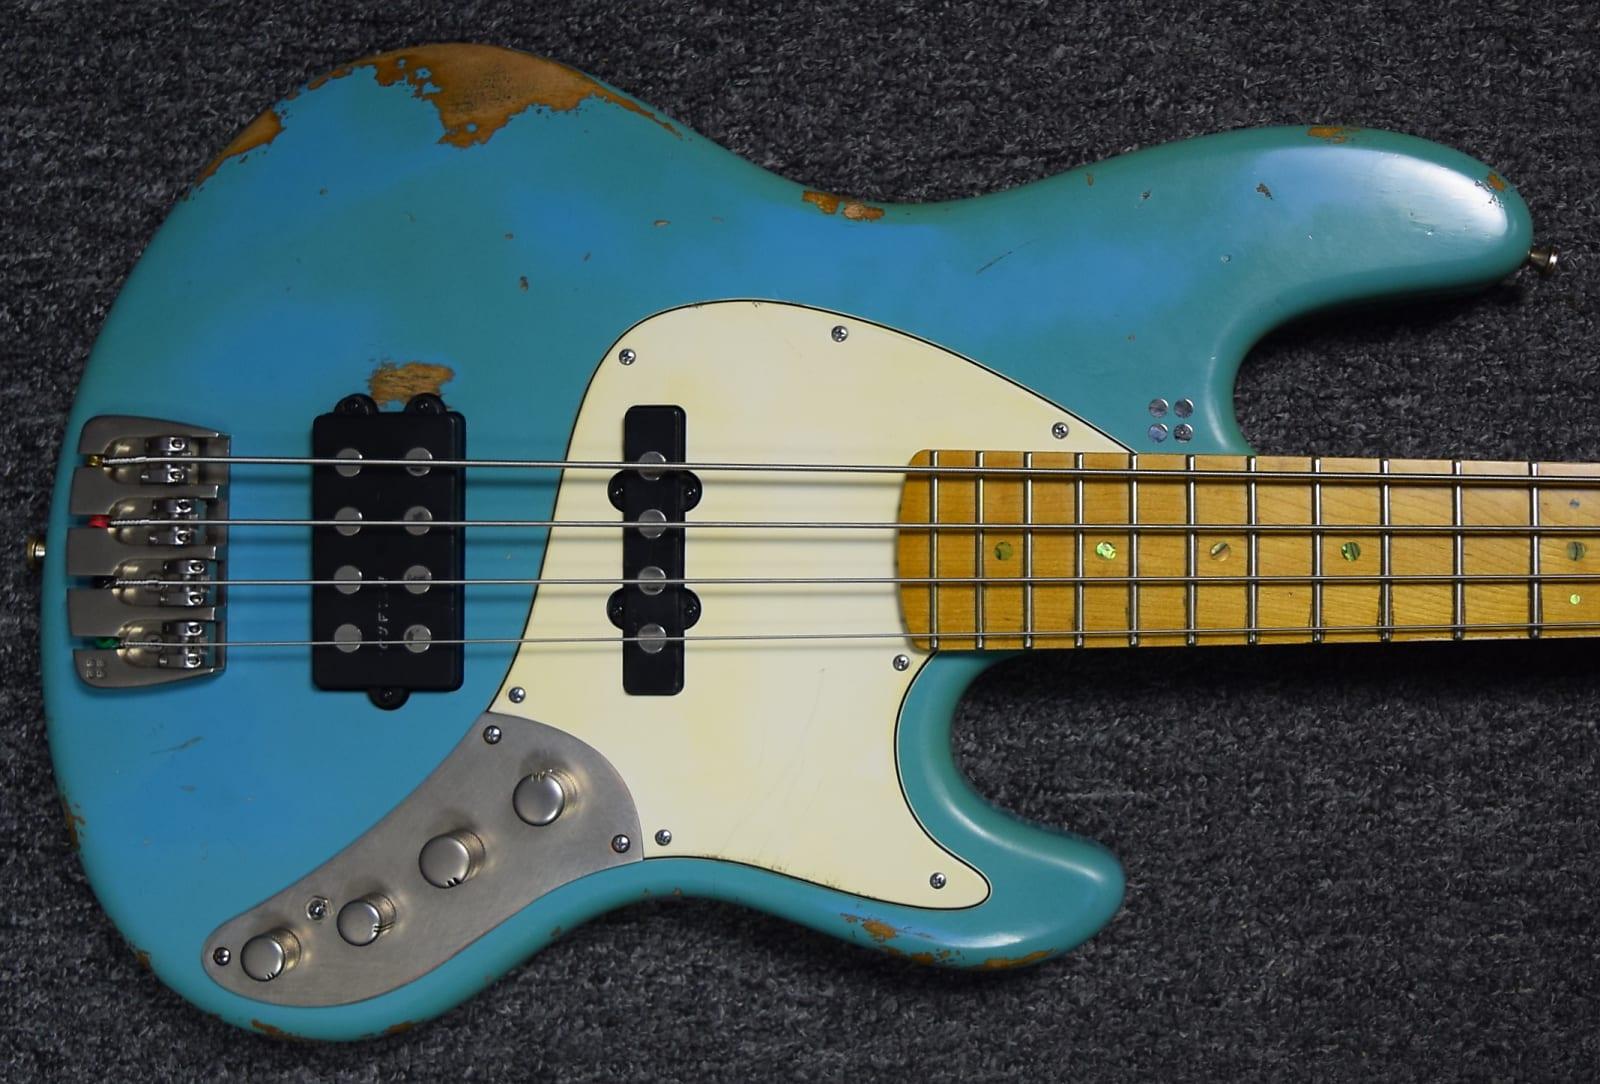 Sandberg California TM4 Roquefort Blue / Maple, Hardcore-Aged *On Order ETA Dec. 2020